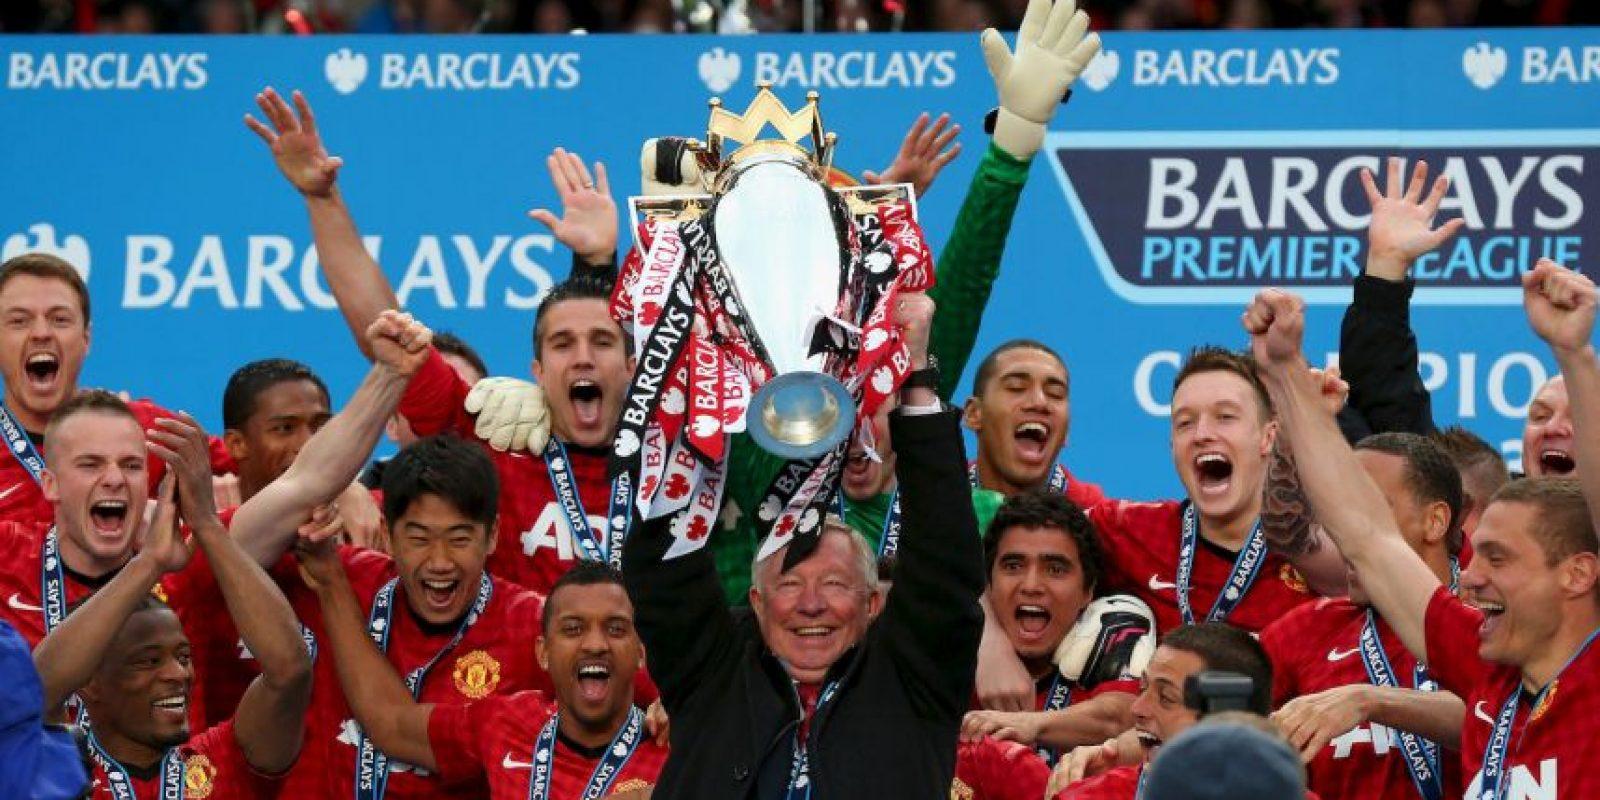 """Los """"Red Devils"""" son uno de los clubes más importantes del mundo. Tienen 20 Ligas y 7 títulos de la UEFA en 137 años de historia. Foto:Getty Images"""